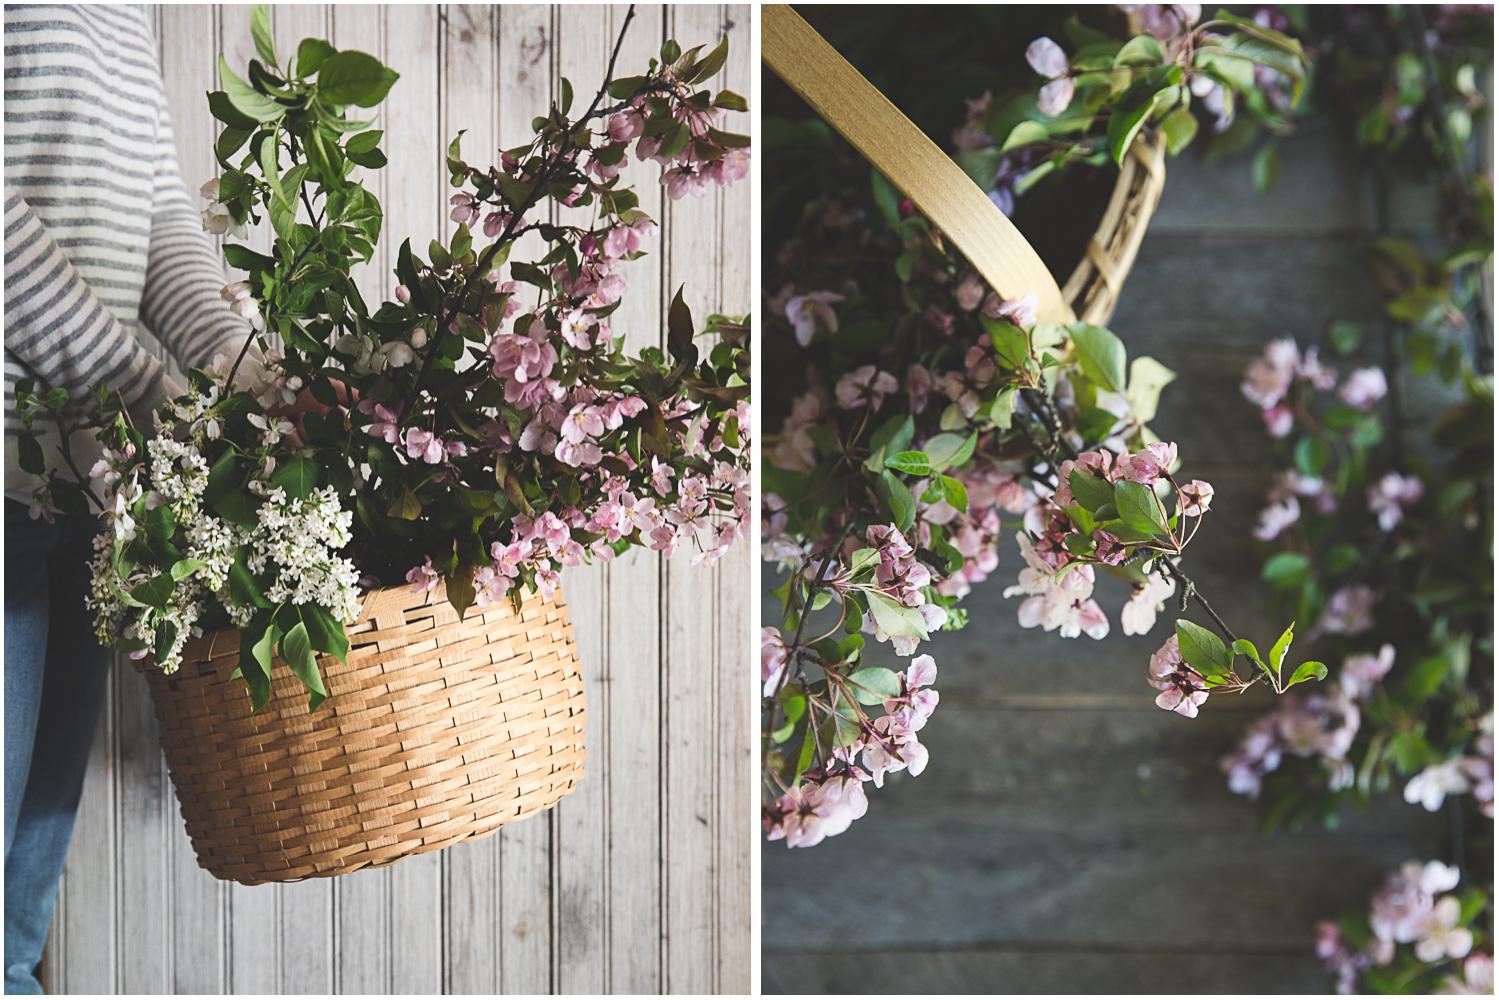 Bragg_Kate_Spring_17_Blossoms.jpg